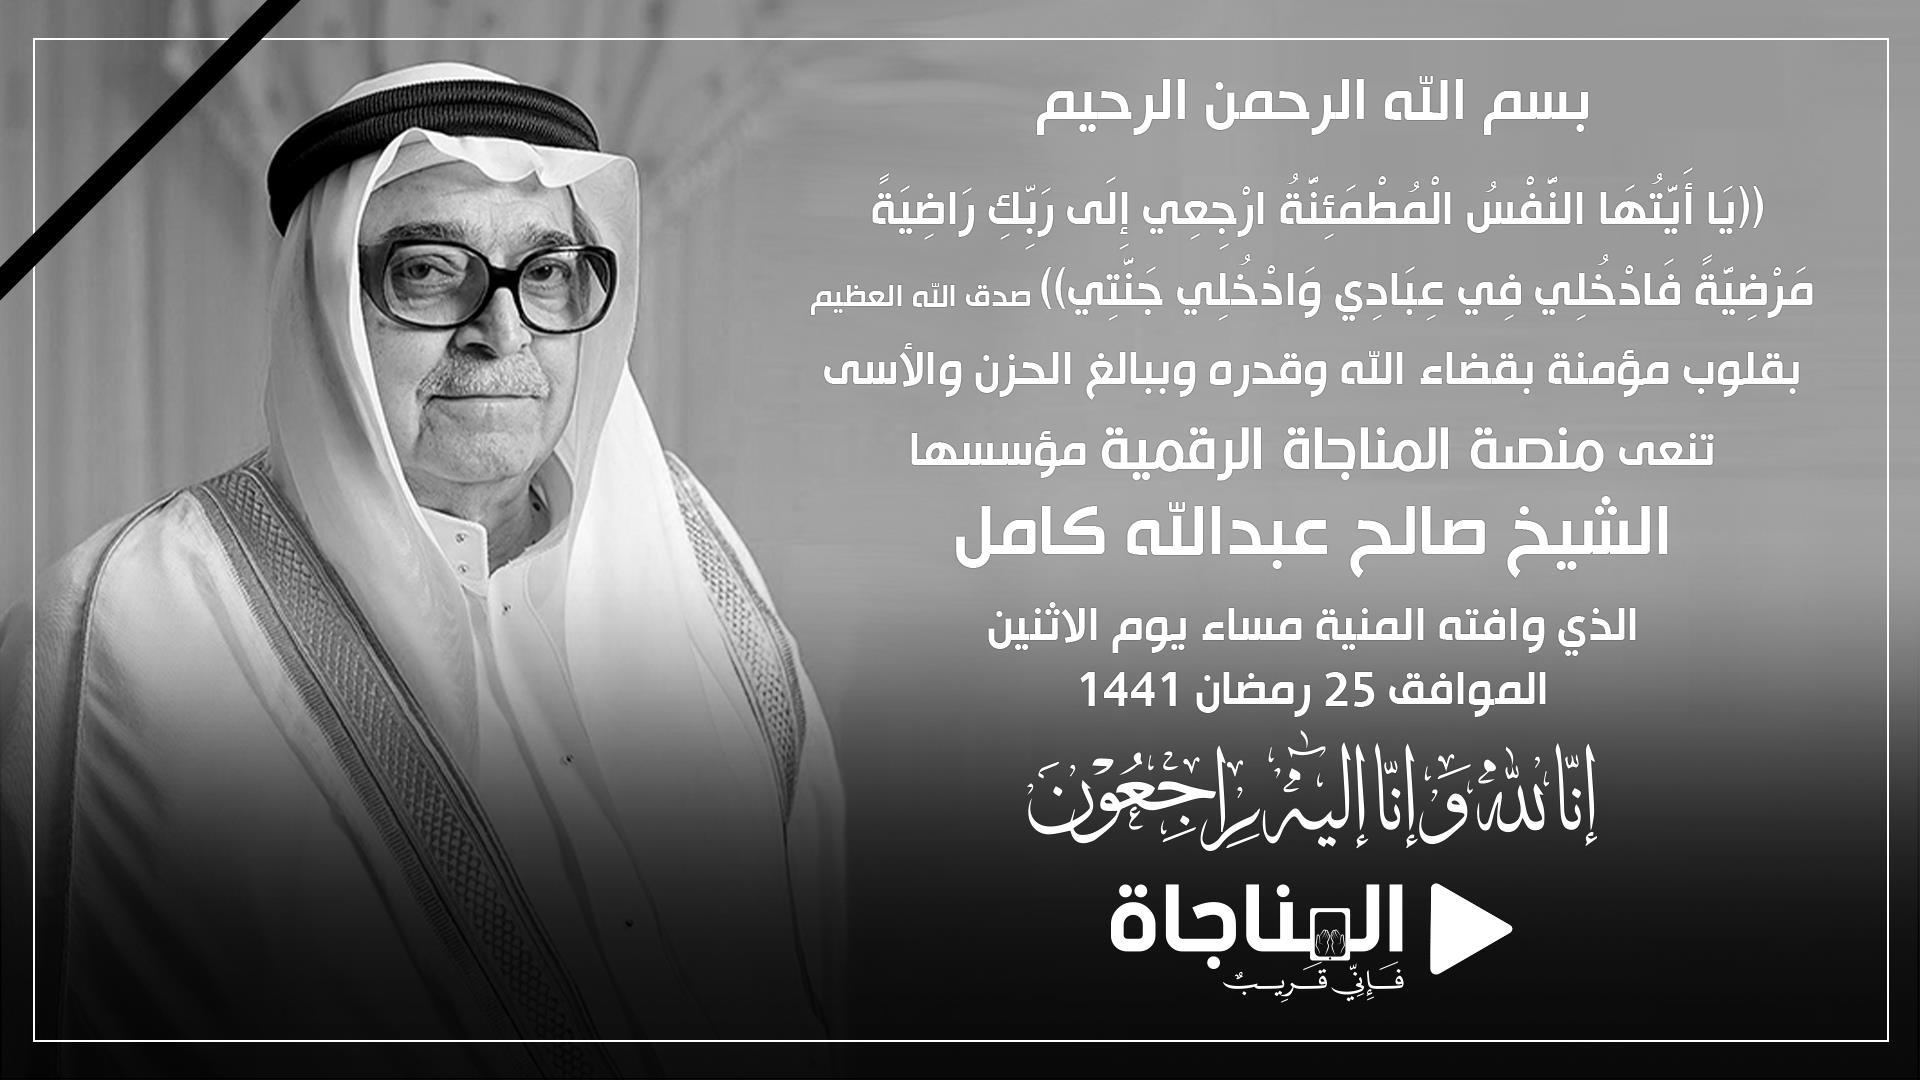 نعي الشيخ صالح كامل رحمه الله - مؤسس وقف اقرأ للإعلام  منصة المناجاة الرقمية